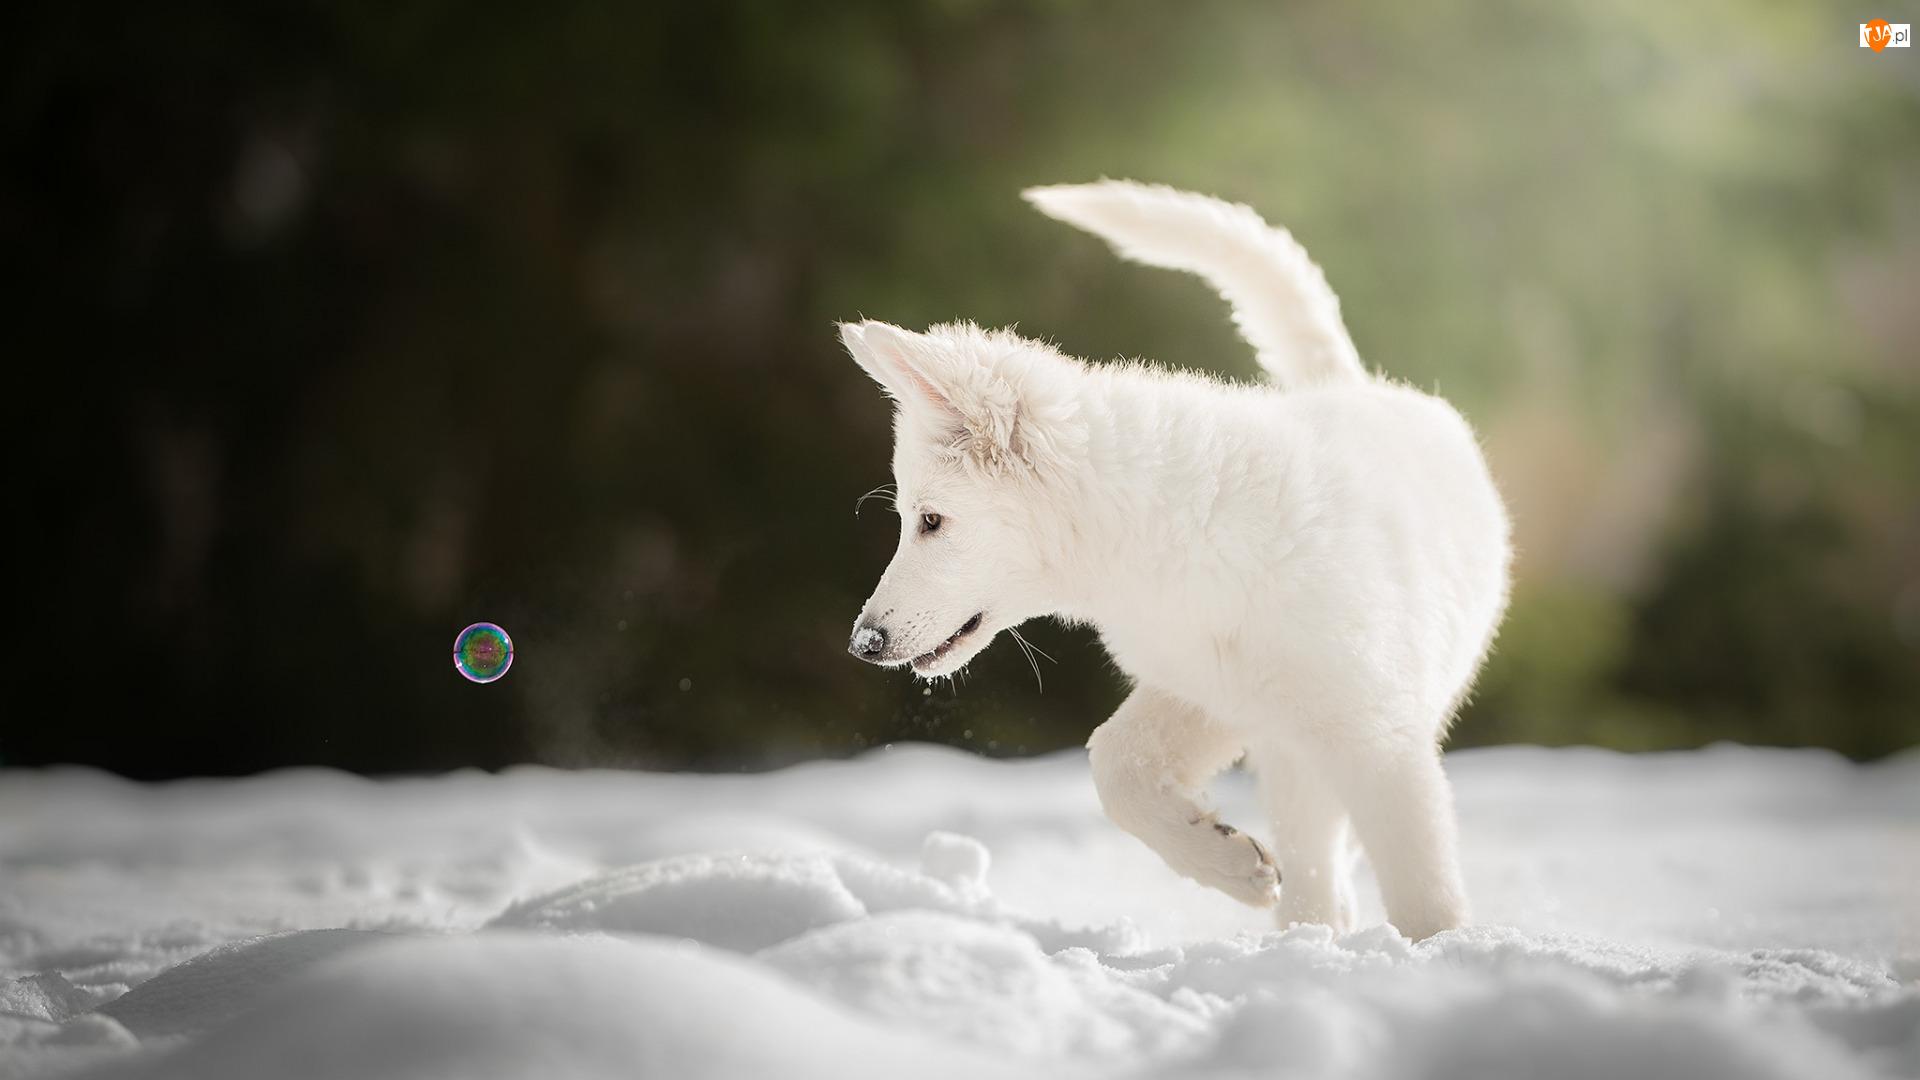 Bańka, Pies, Szczeniak, Biały owczarek szwajcarski